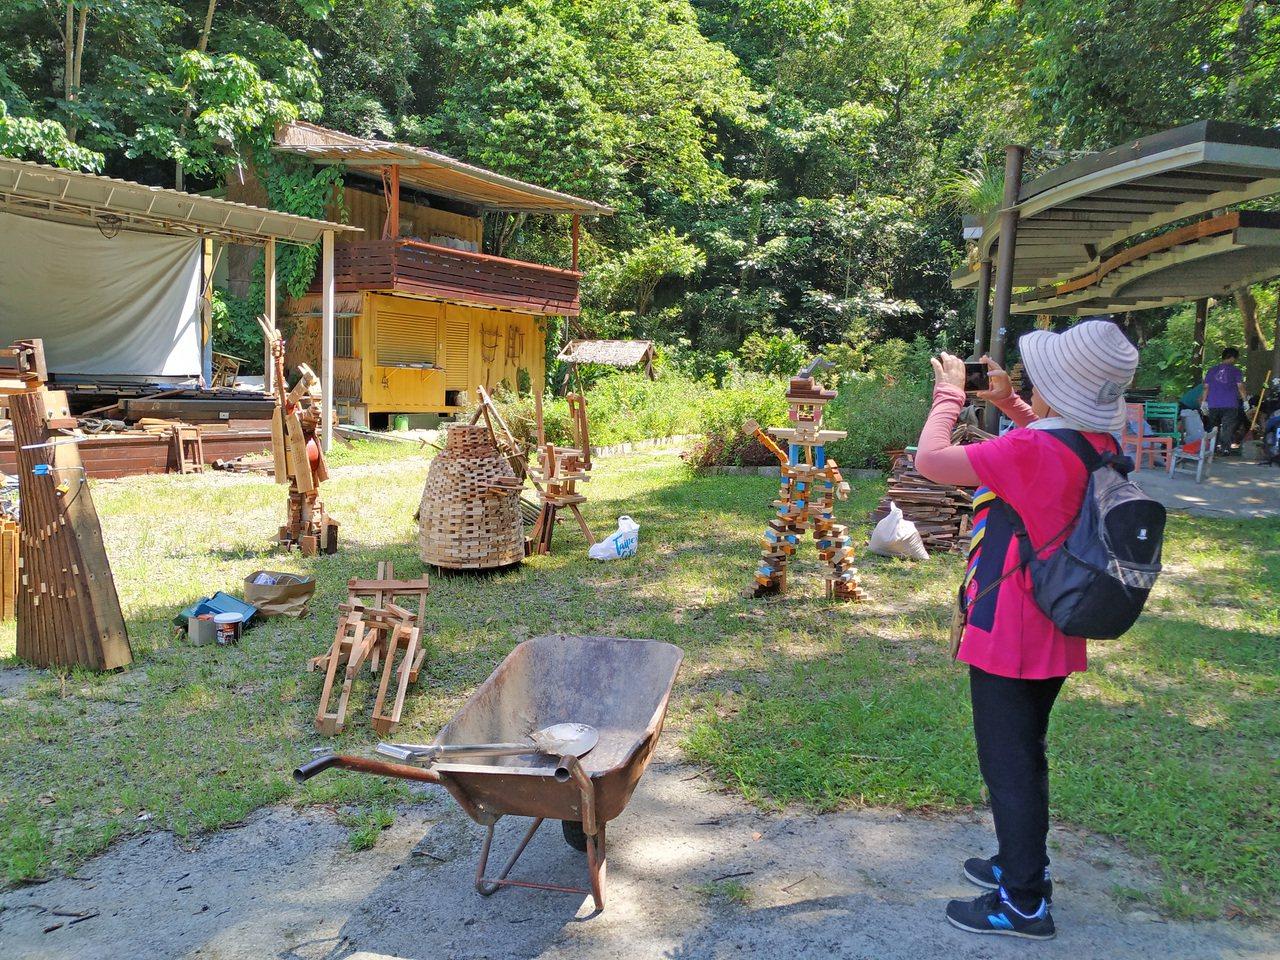 製作過程供也吸引遊客前來拍照詢問。圖/徐健智提供